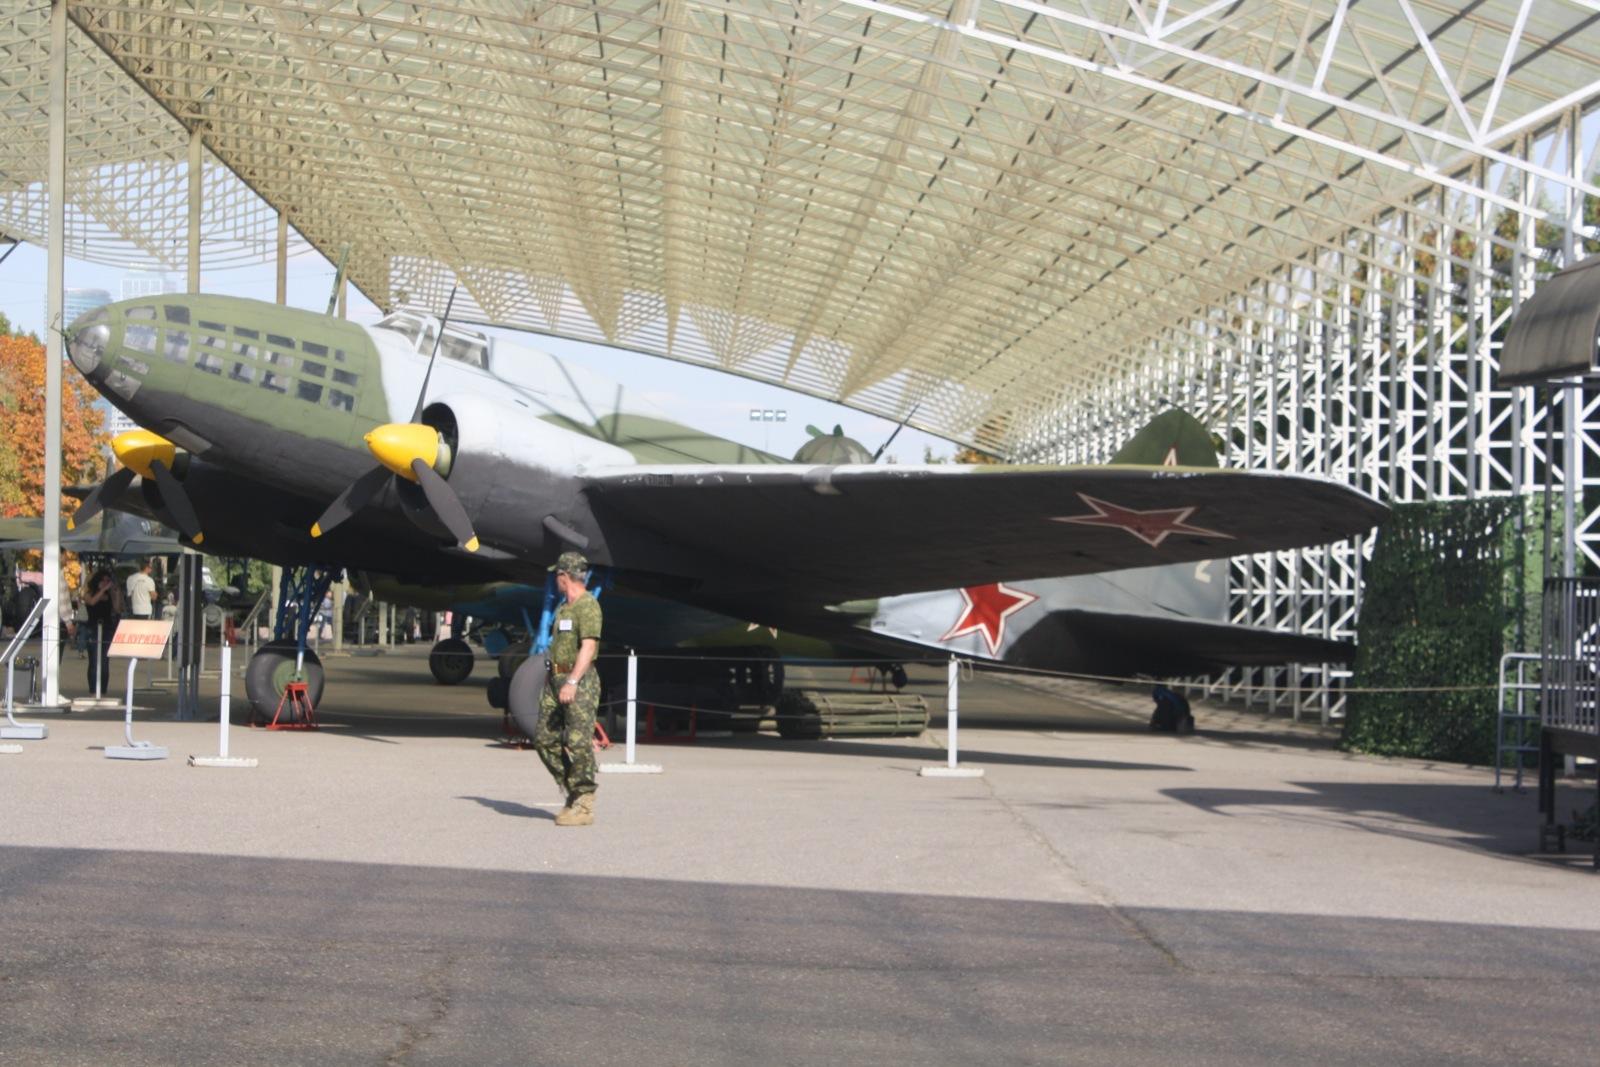 Меморијални комплекс отворен је 9. маја 1995. године, поводом 50-годишњице завршетка Великог отаџбинског рата.